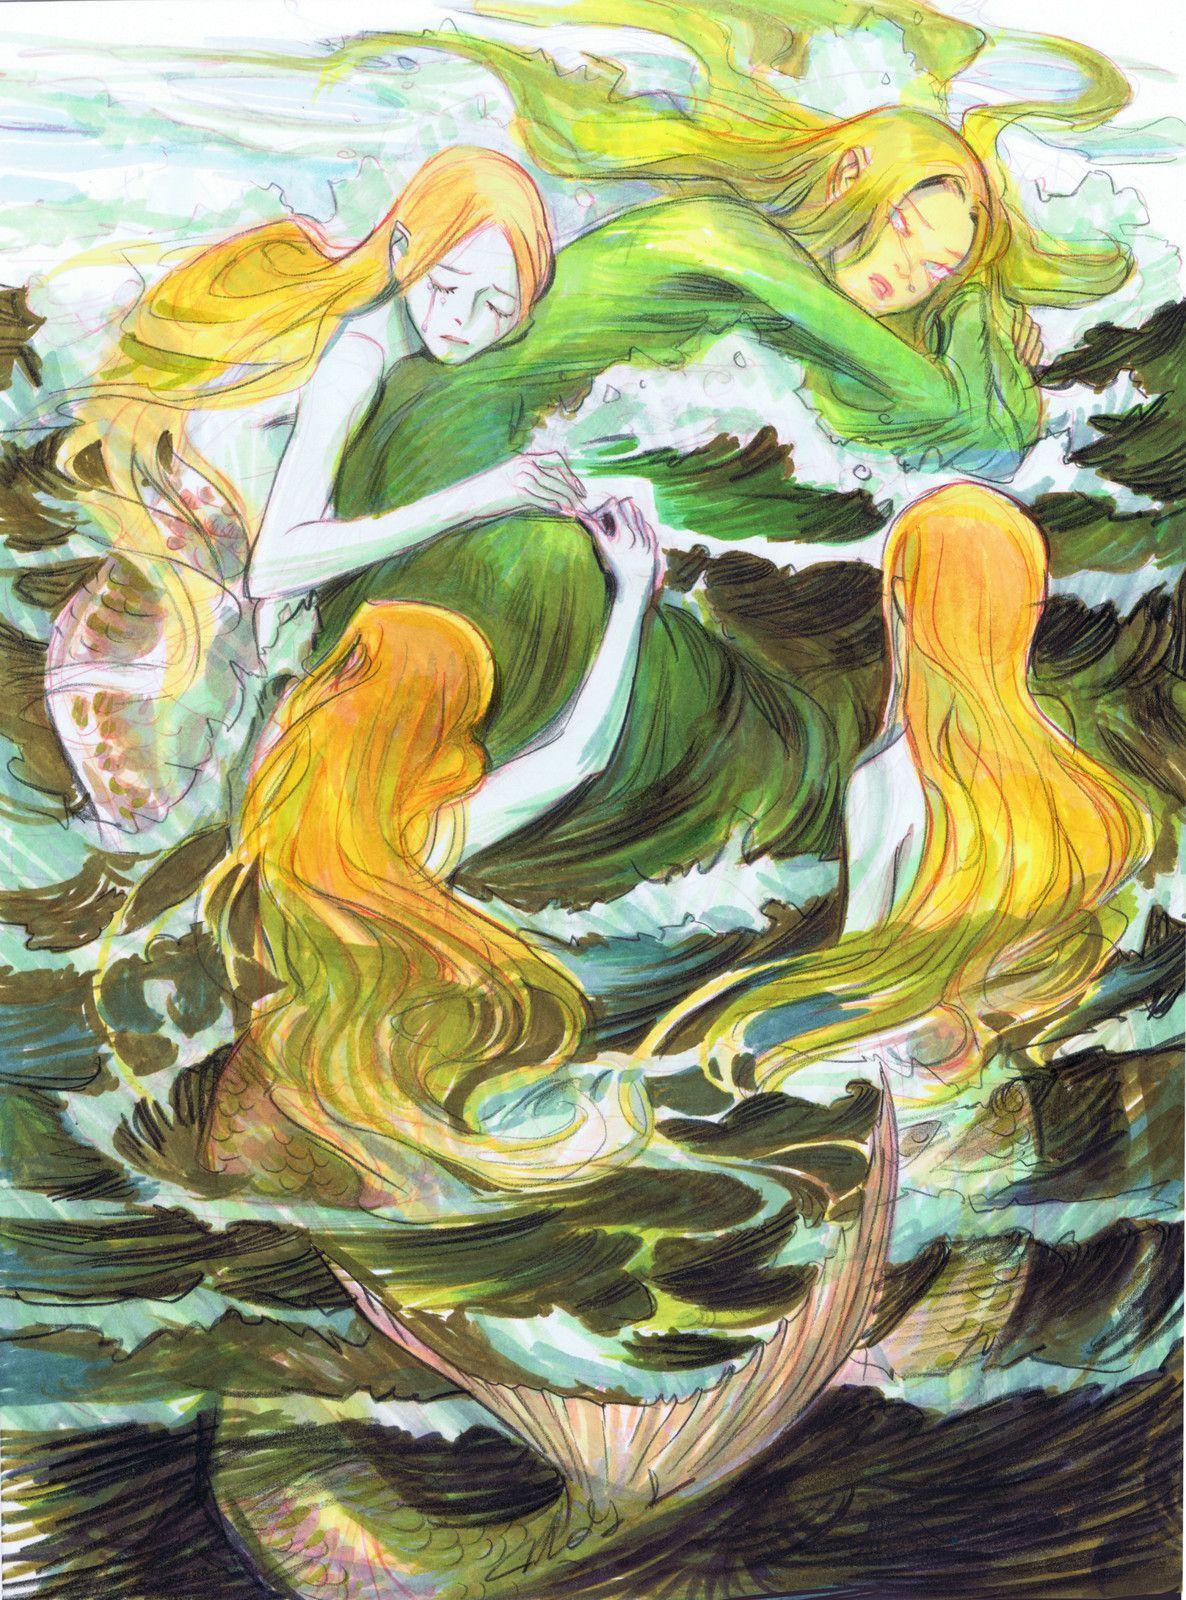 Pin By Deborah England On Mermaids